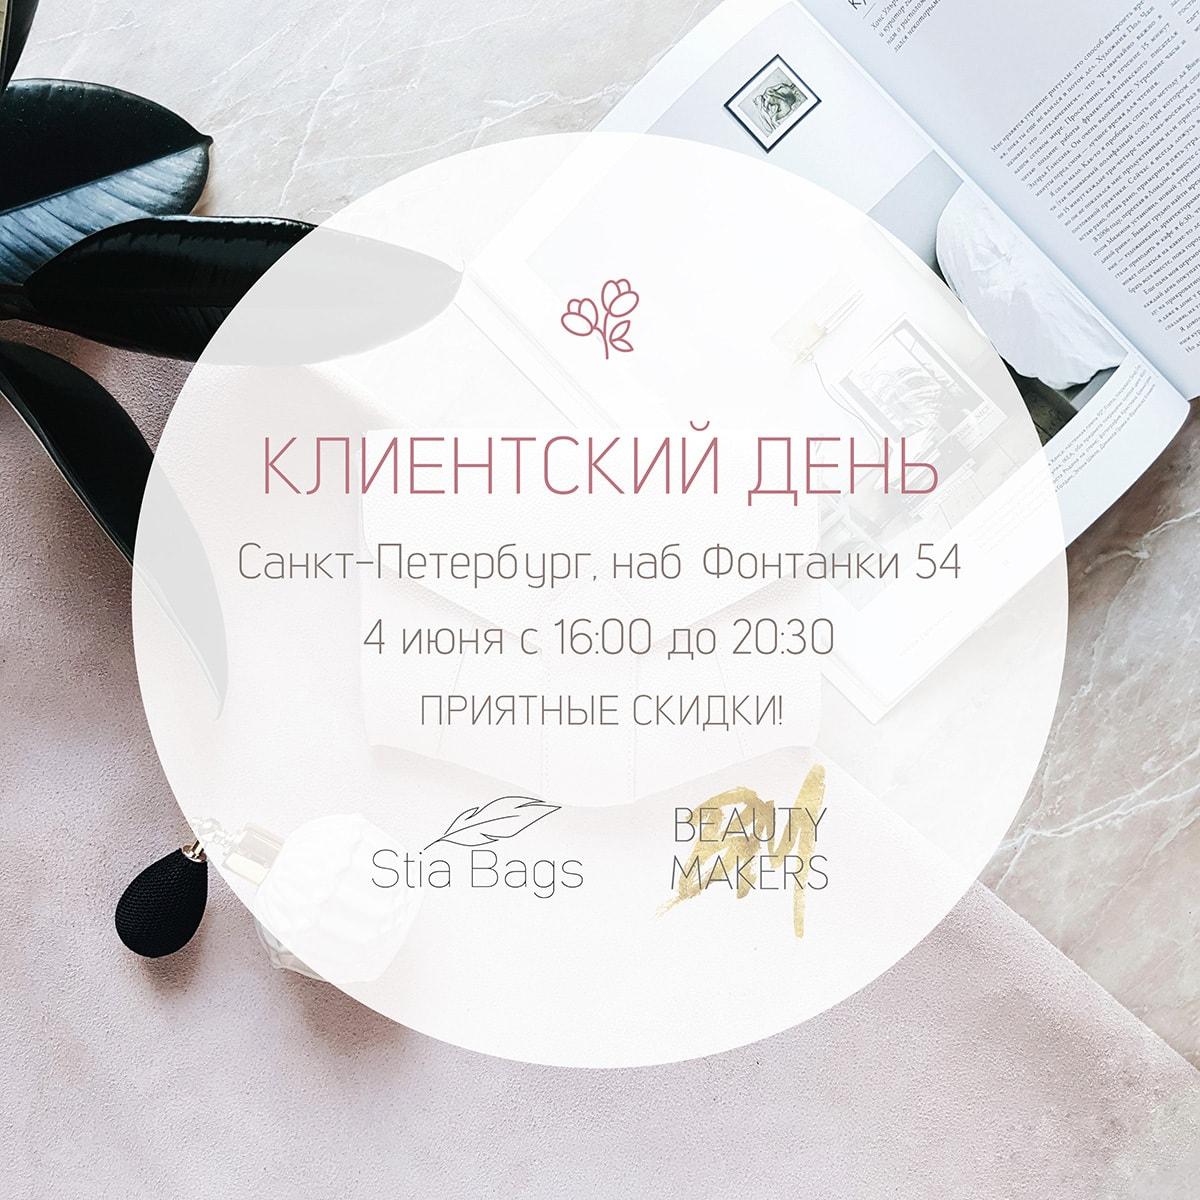 Клиентский день в Санкт-Петербурге 4 июня